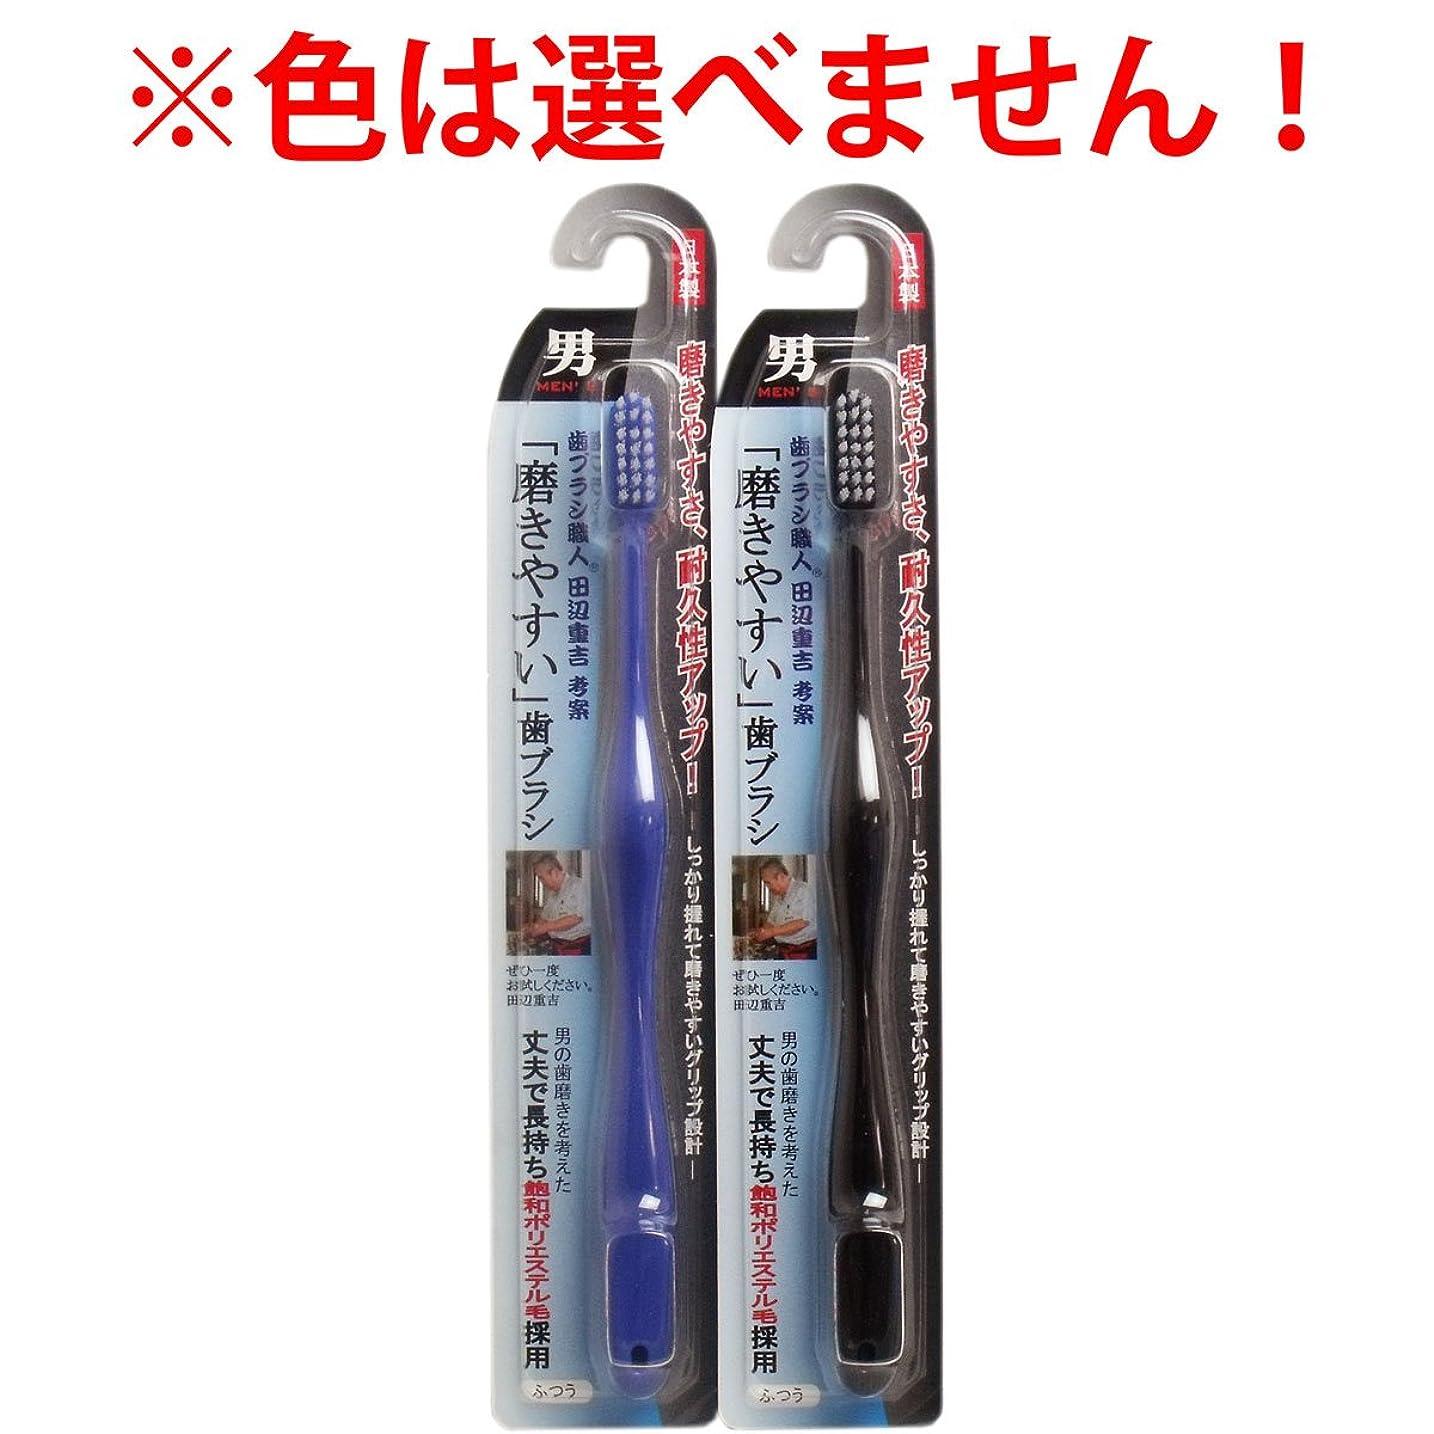 分離教師の日断言するライフレンジ 「磨きやすい」歯ブラシ男 LT-08 1本